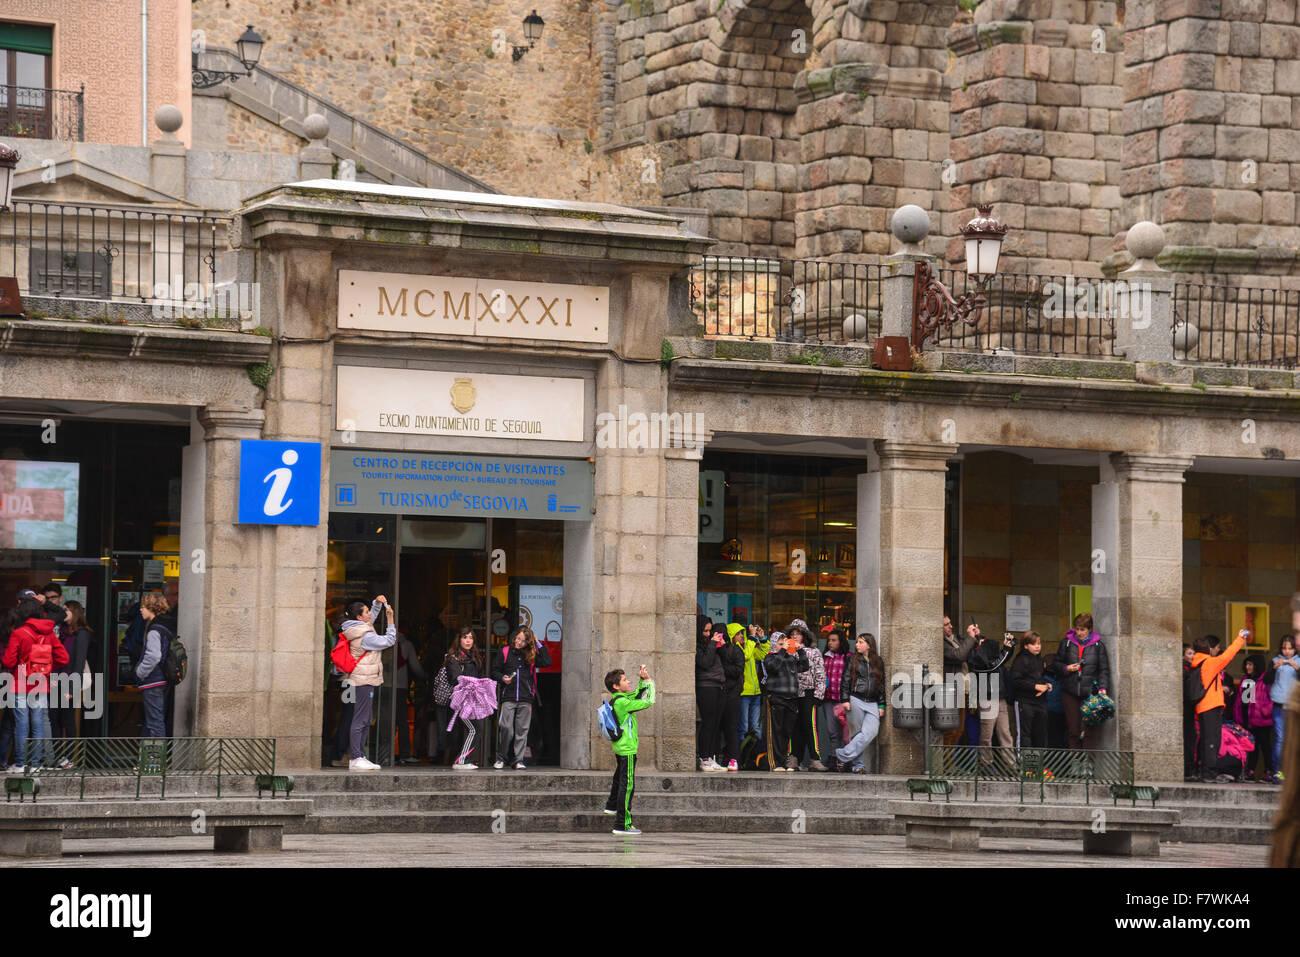 Turismo de Segovia, Spain - Stock Image